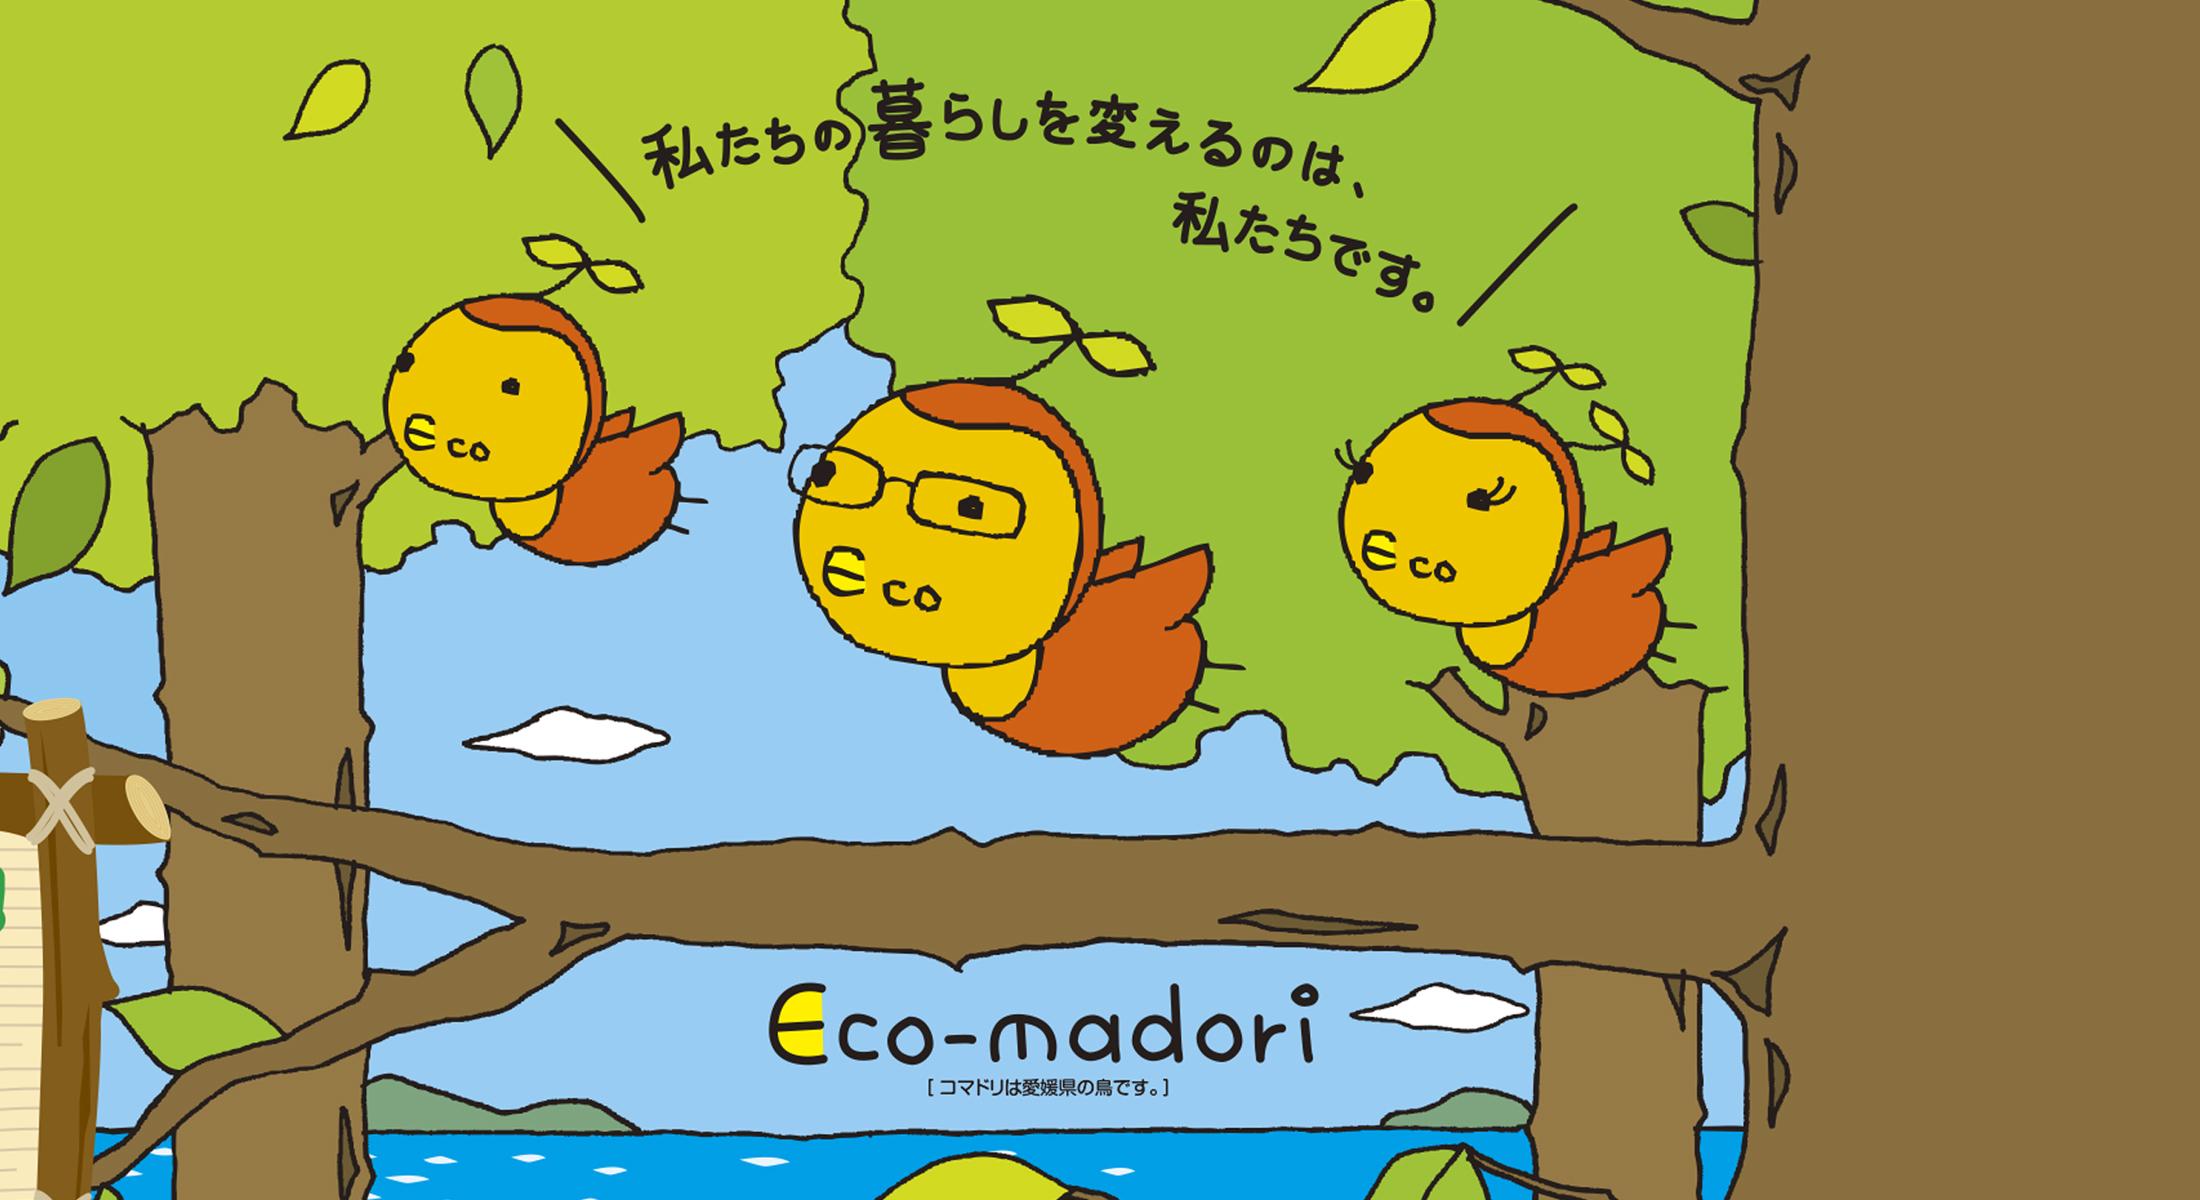 松山市 エコマドリ